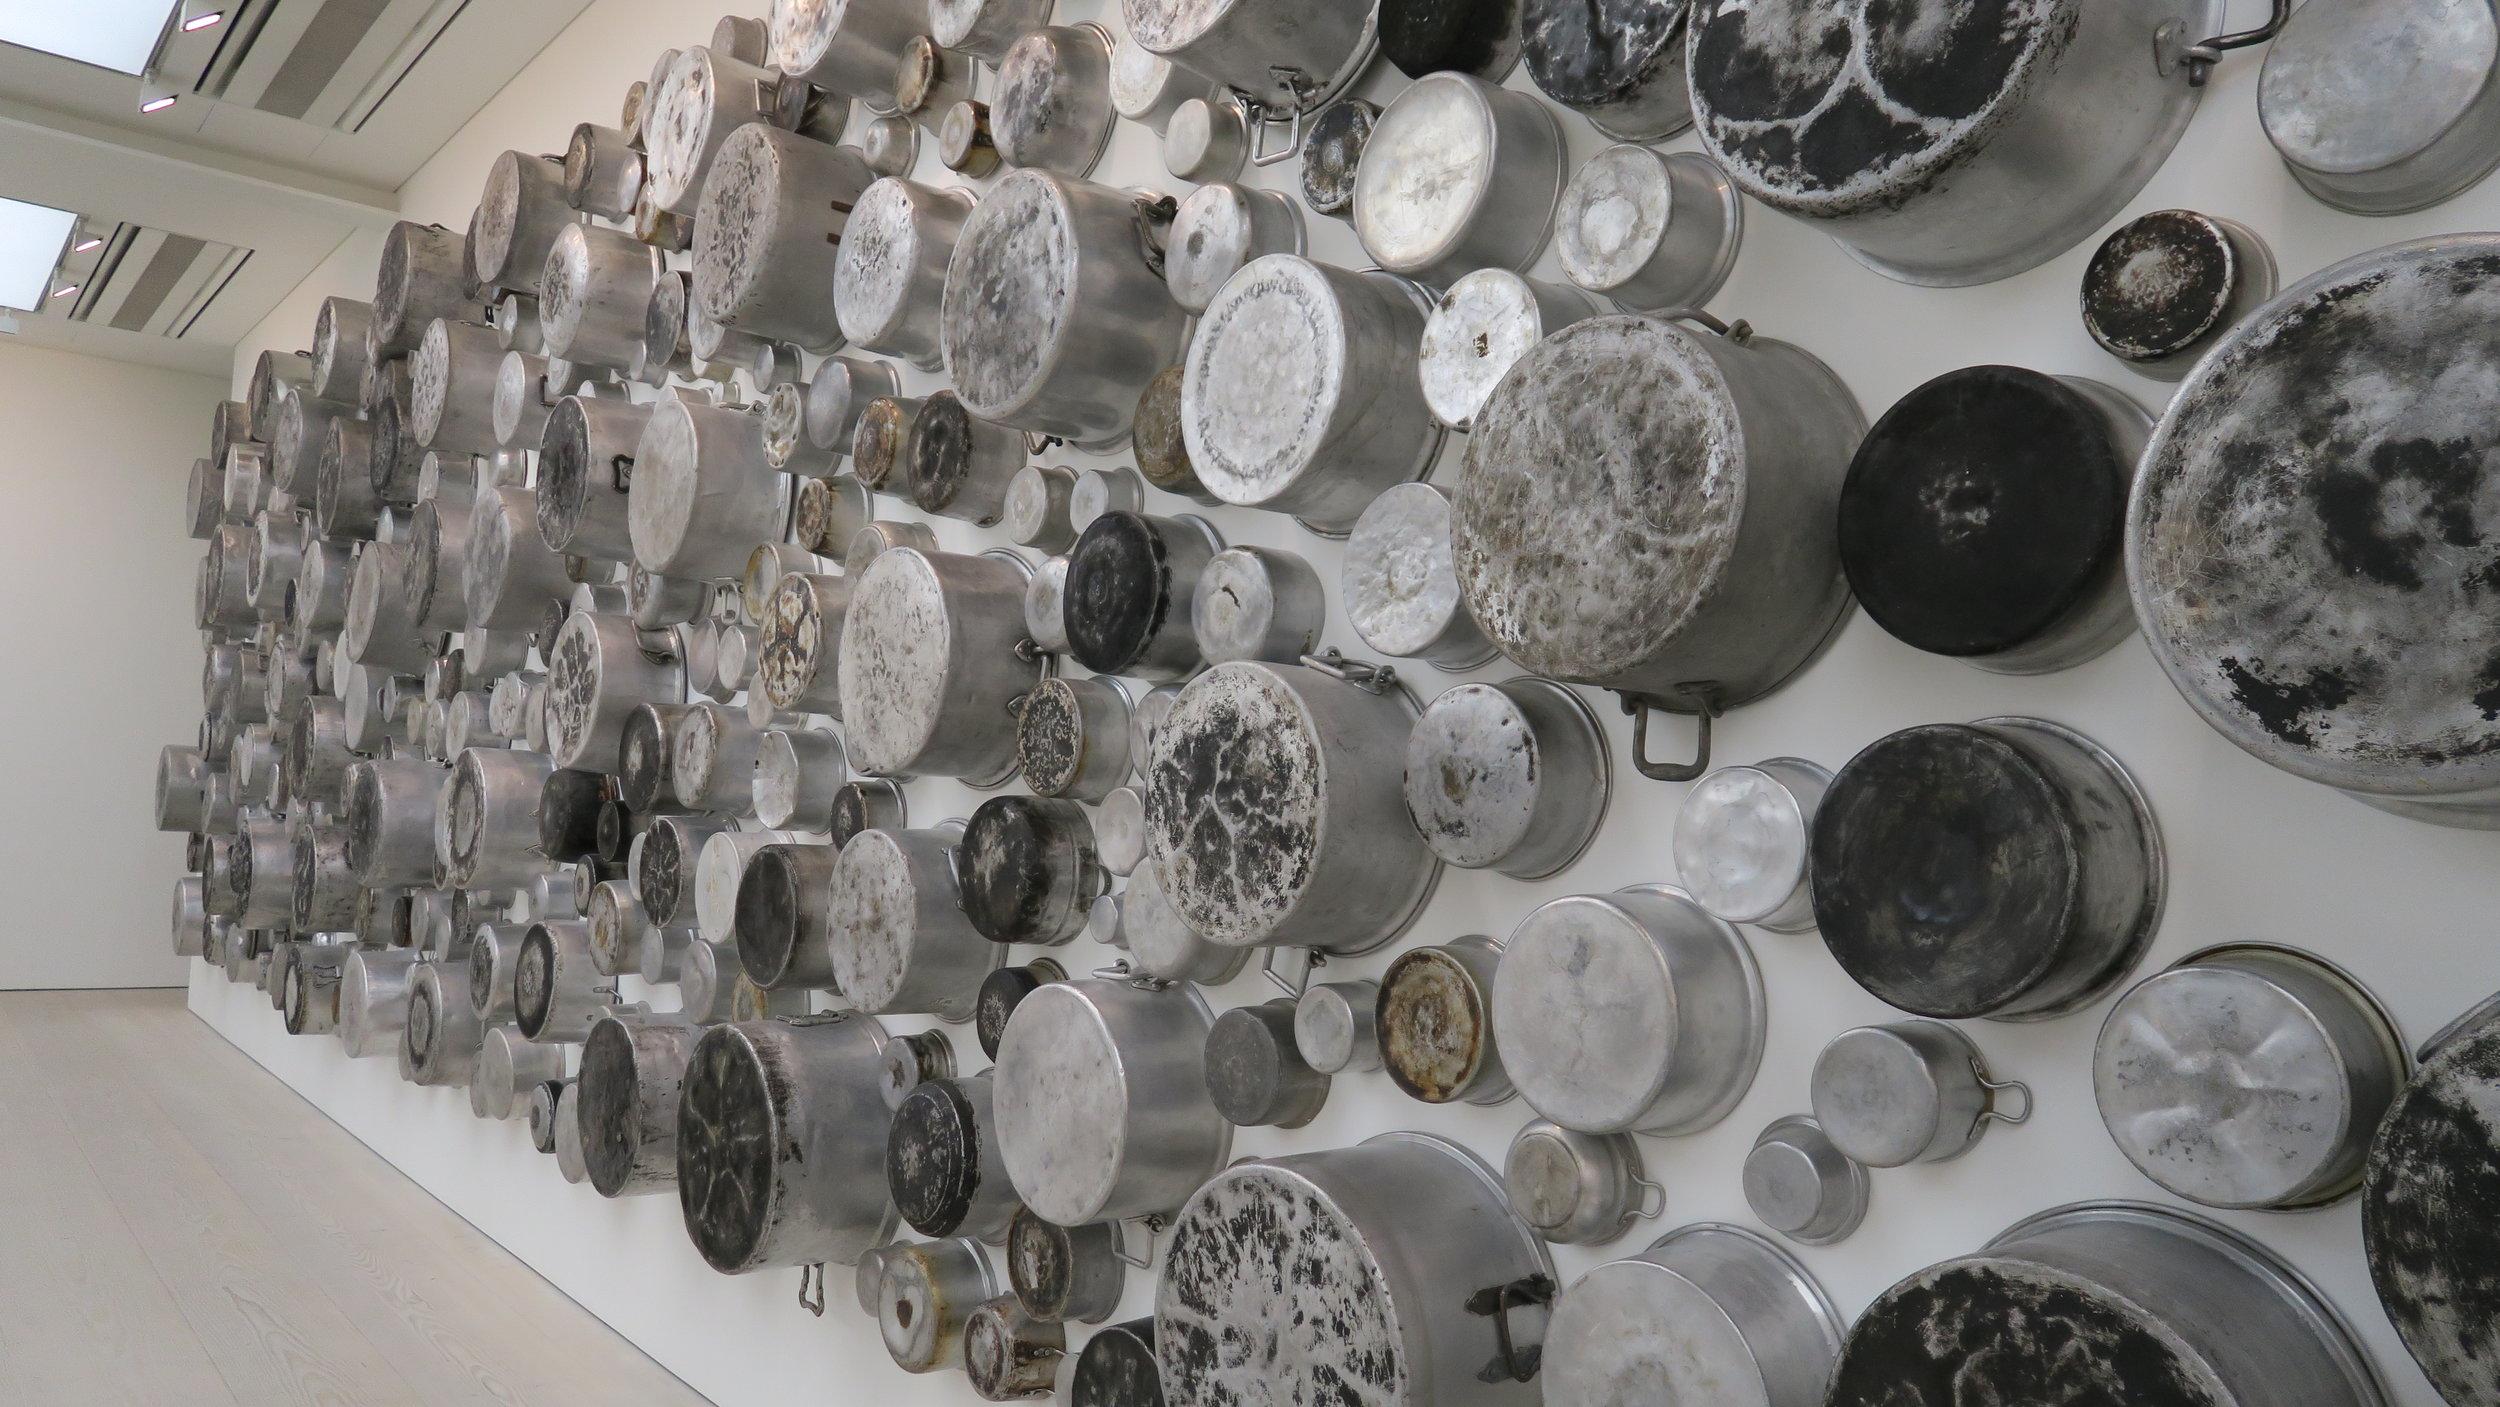 Copy of Saatchi Gallery